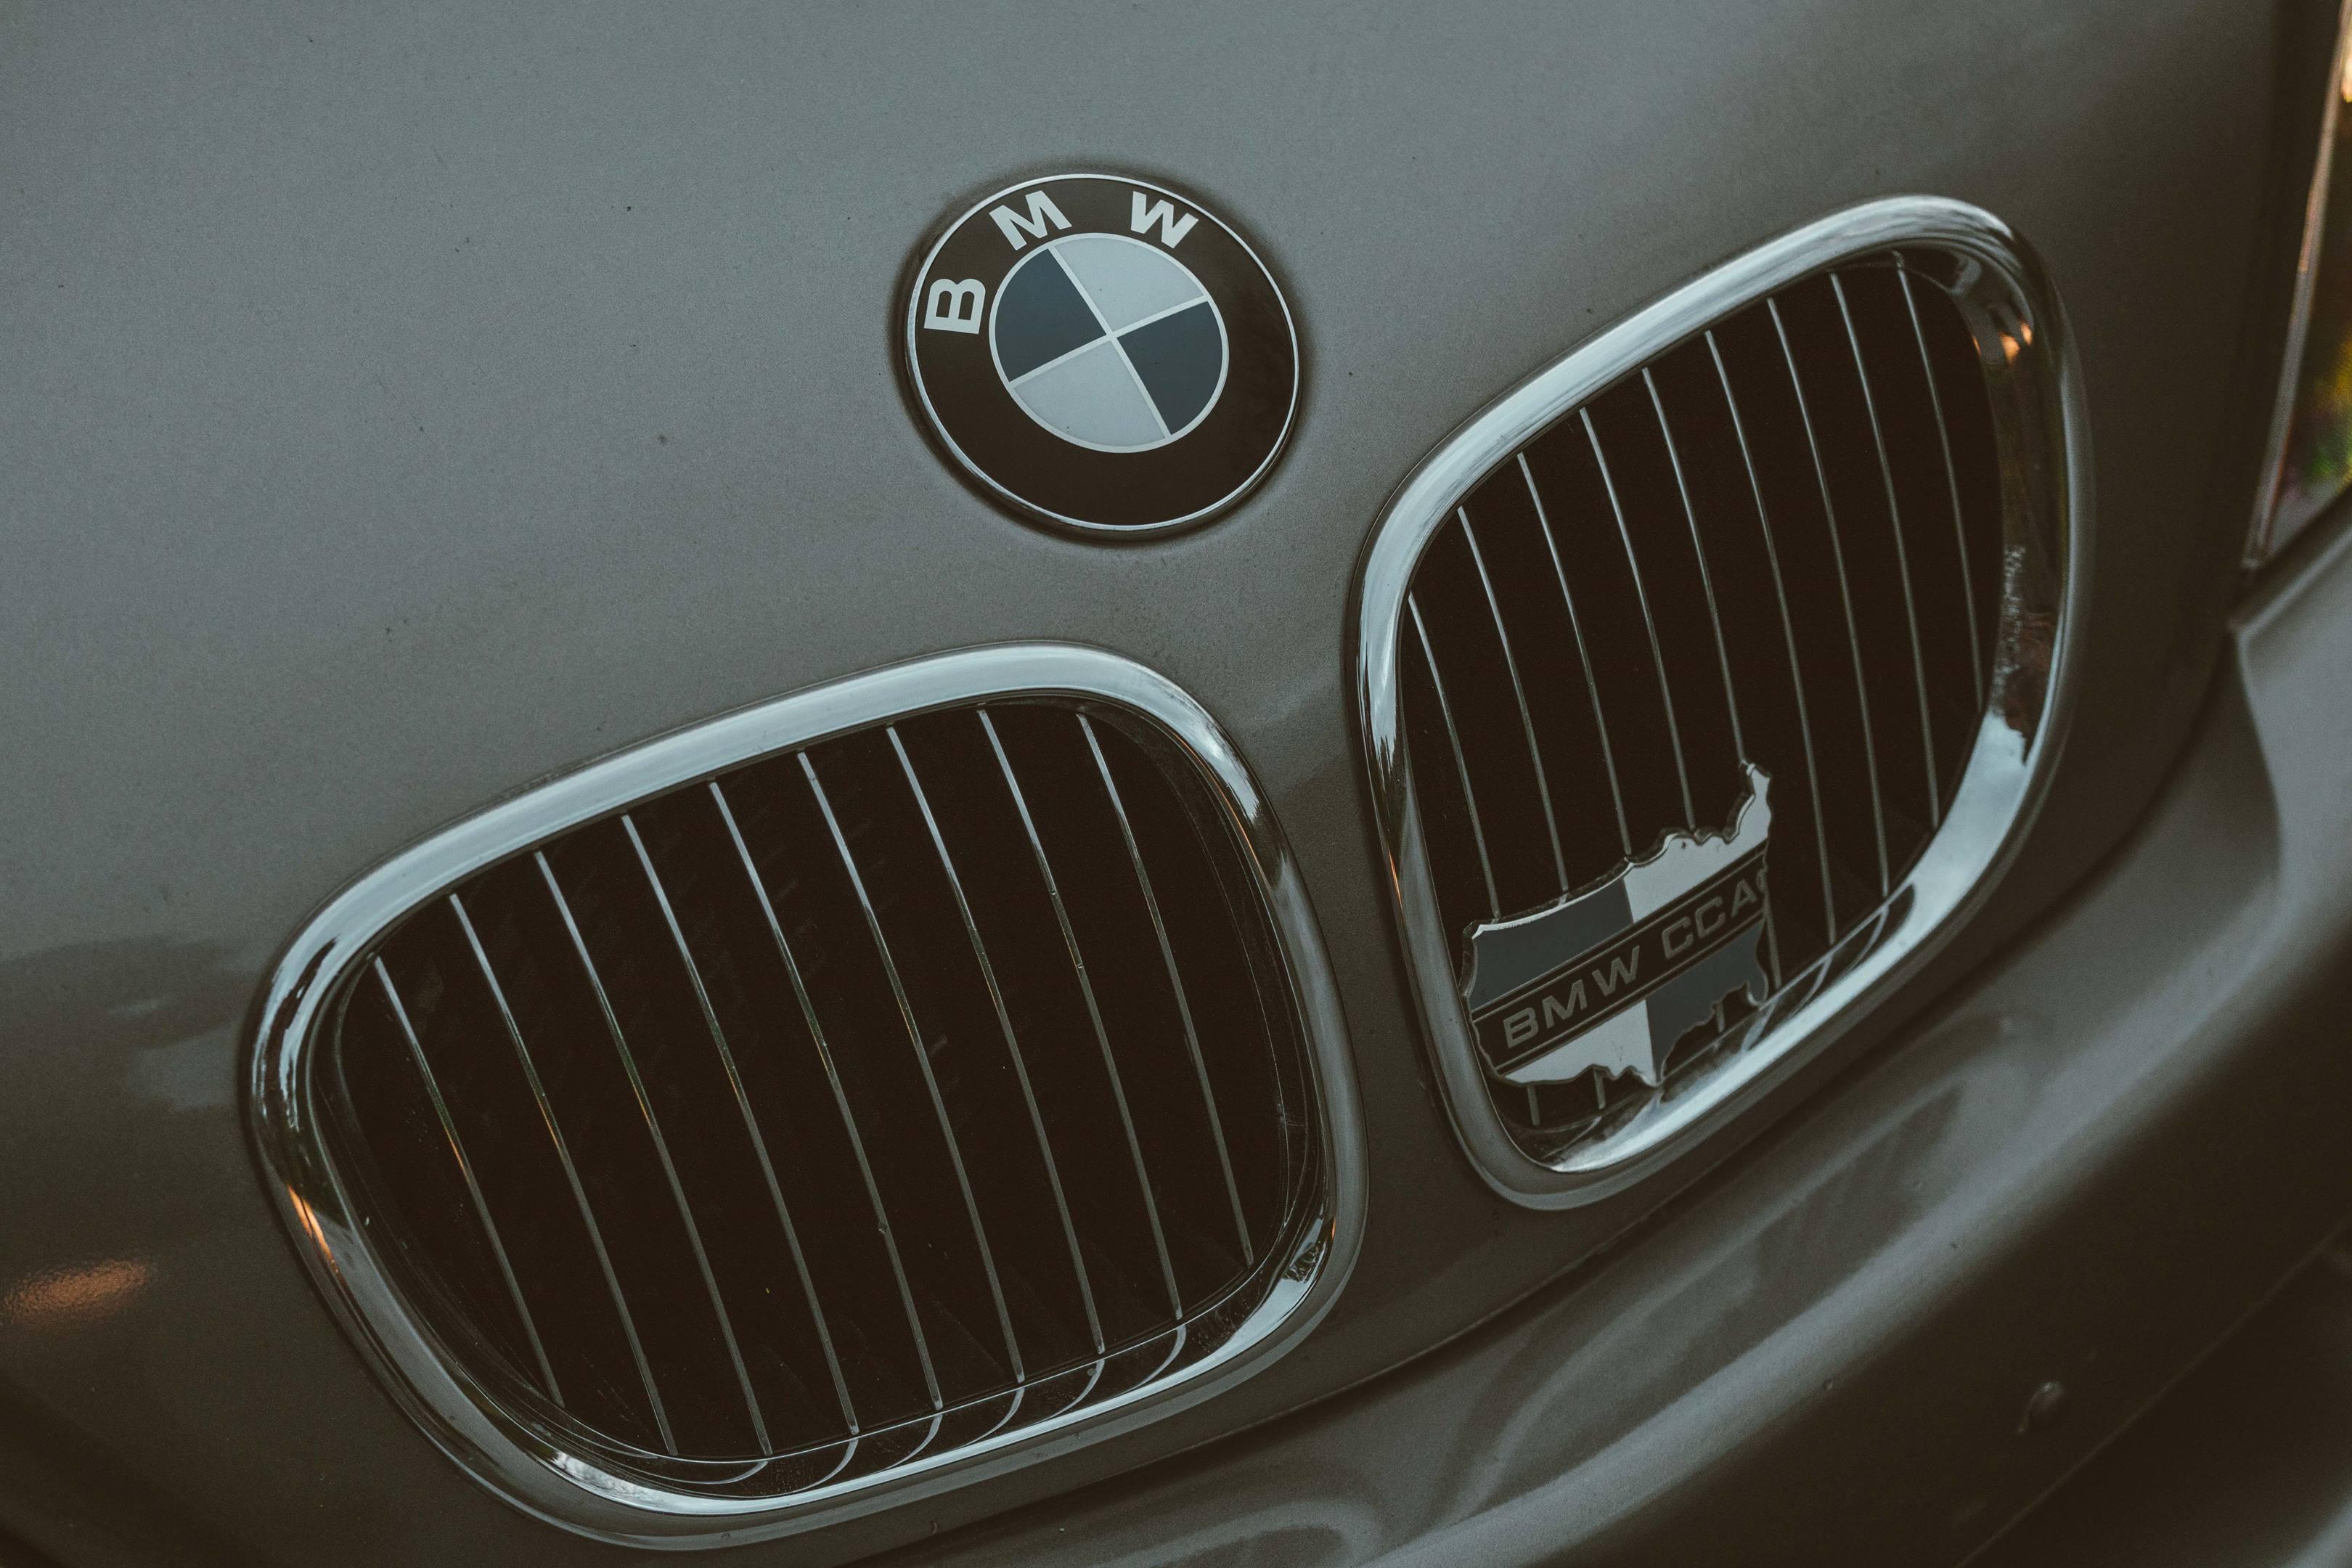 2001 BMW Z3 2.5i grille